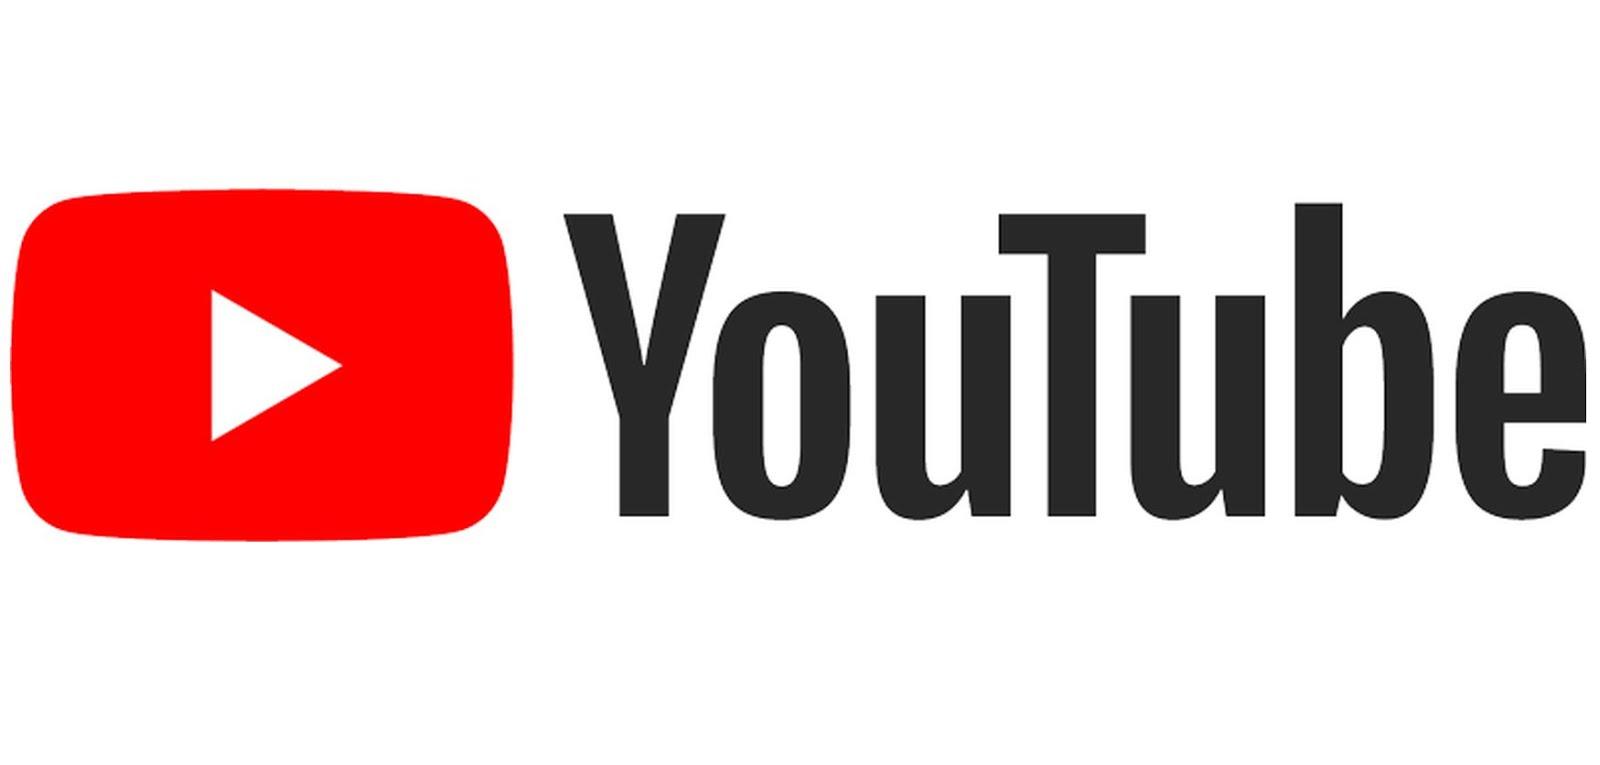 Joyful Mud Puddles on YouTube